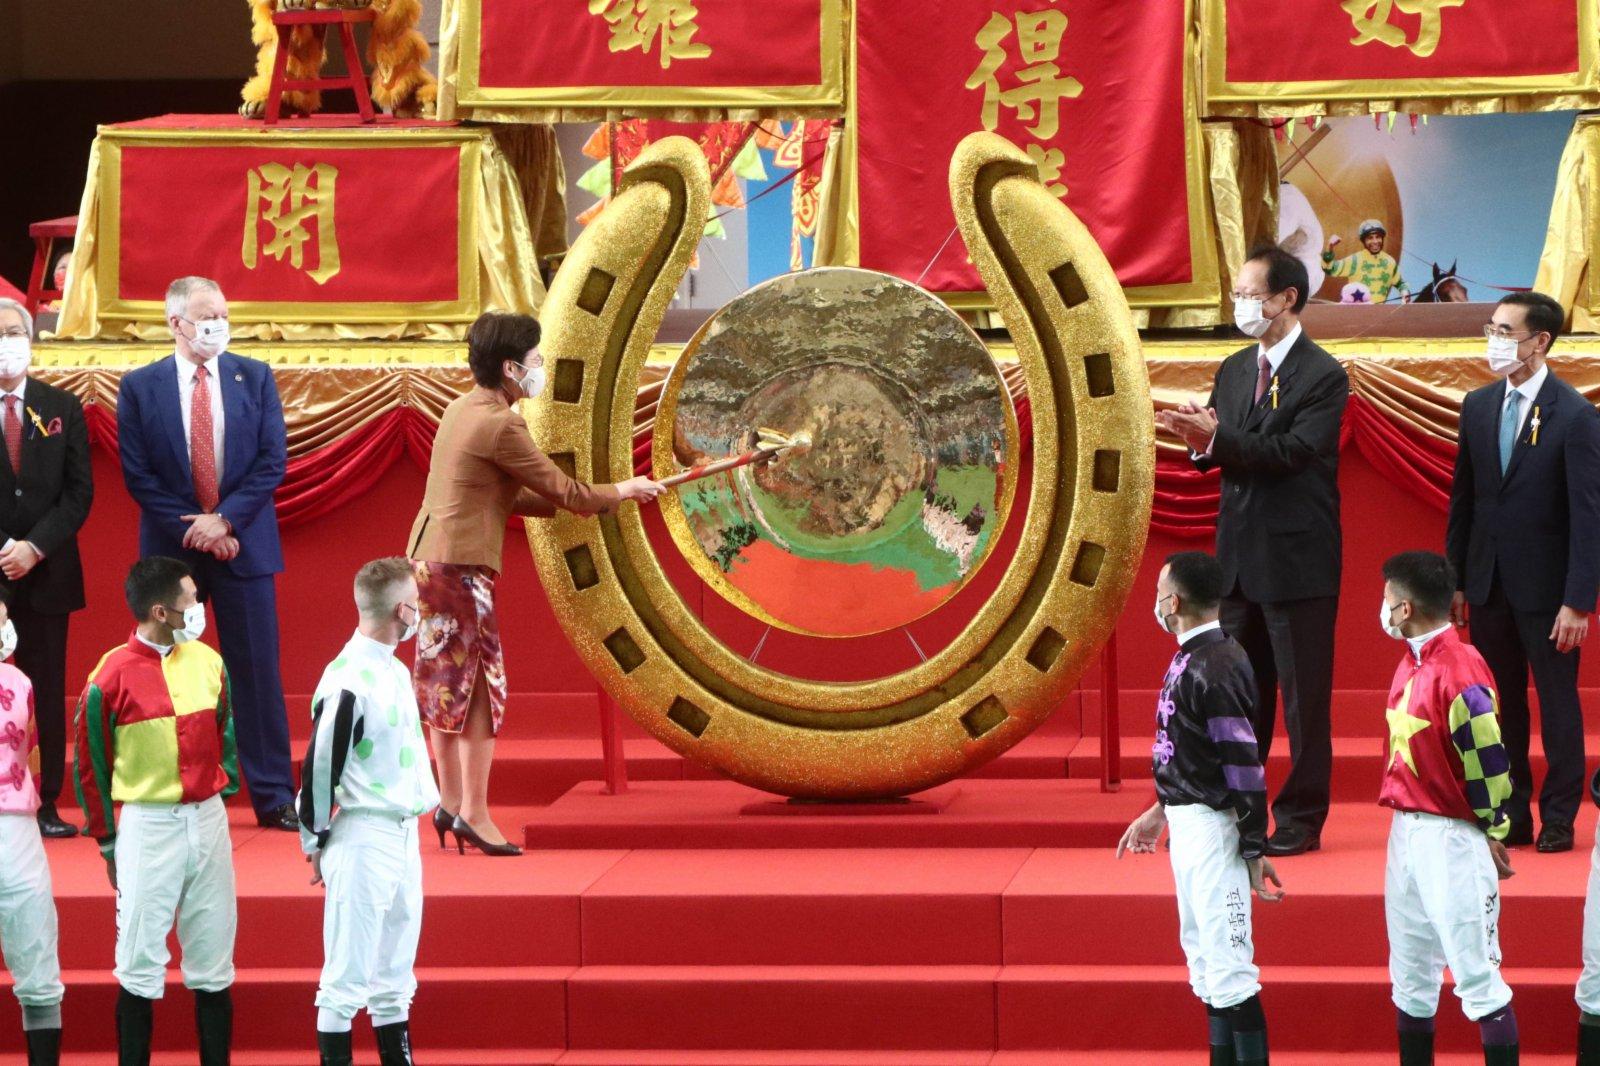 林鄭月娥為新馬季敲鑼。(大公文匯全媒體記者攝)